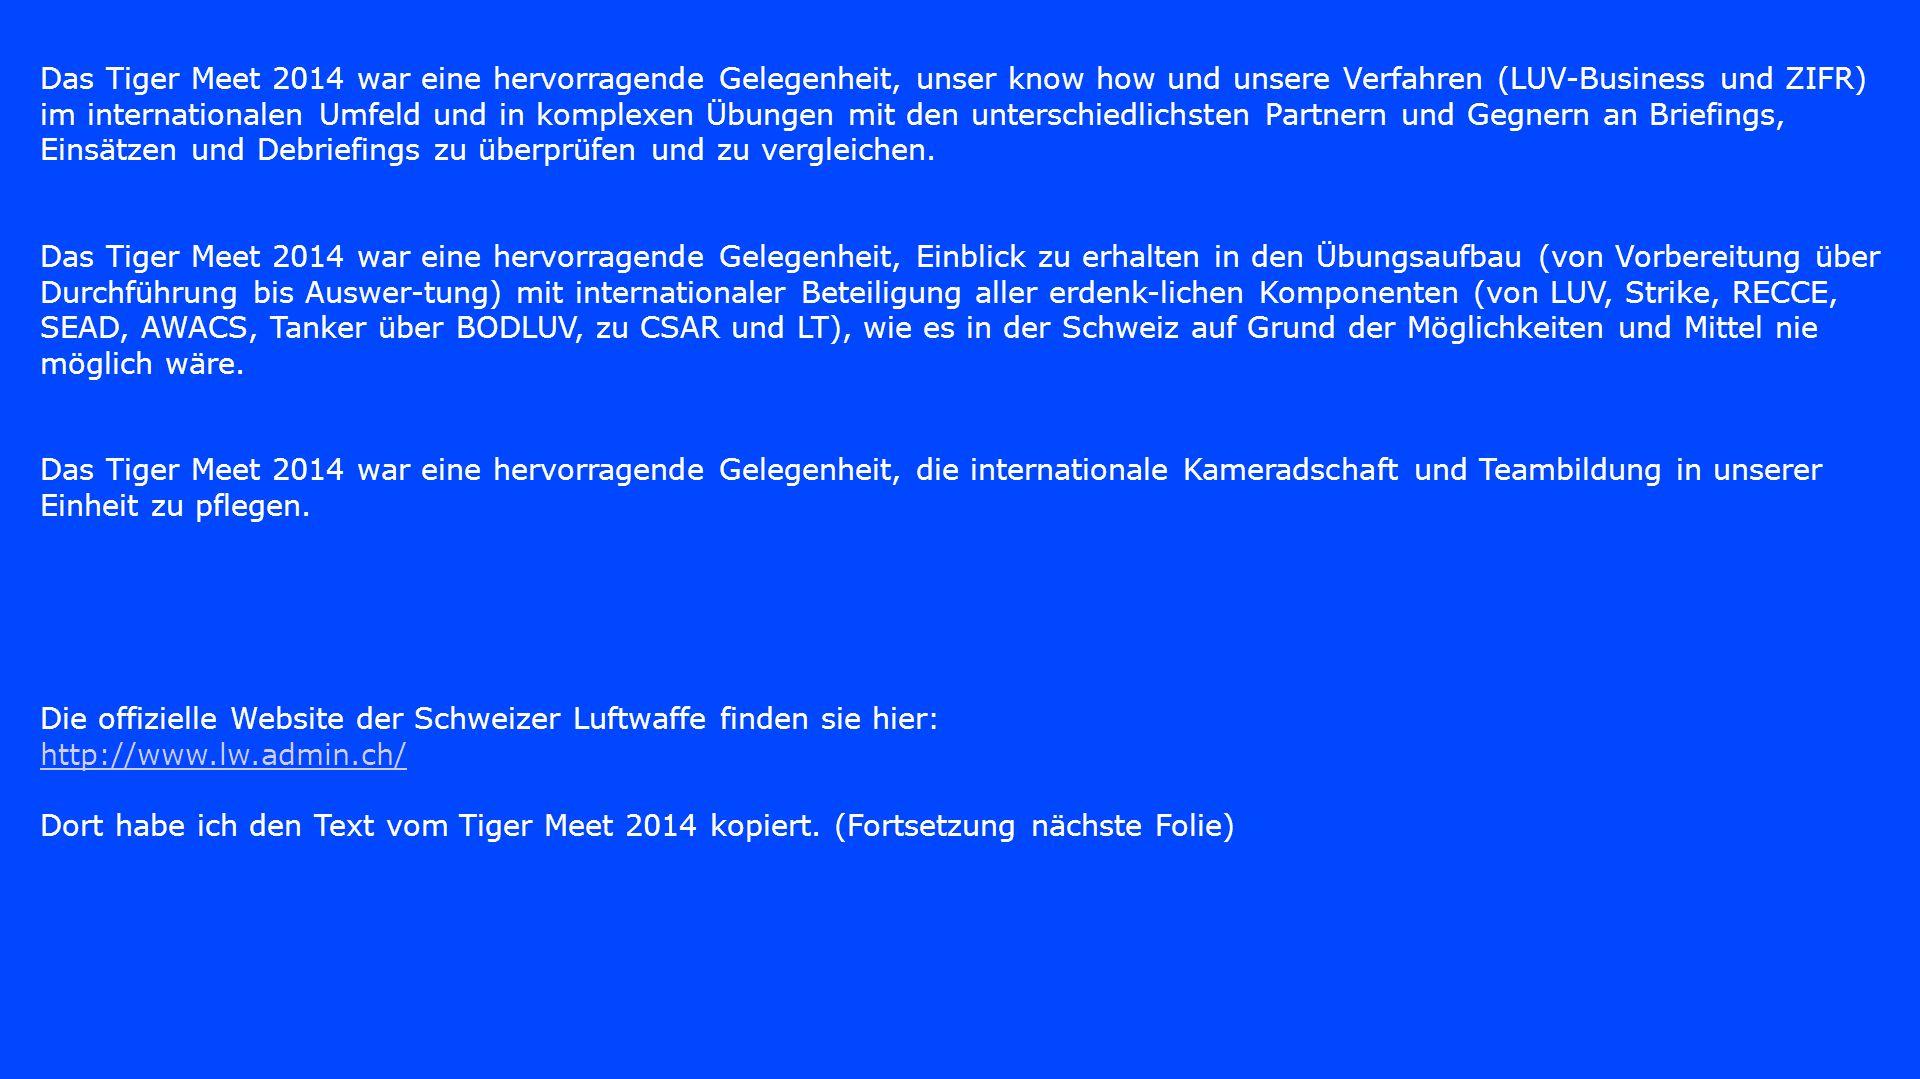 Das Tiger Meet 2014 war eine hervorragende Gelegenheit, unser know how und unsere Verfahren (LUV-Business und ZIFR) im internationalen Umfeld und in komplexen Übungen mit den unterschiedlichsten Partnern und Gegnern an Briefings, Einsätzen und Debriefings zu überprüfen und zu vergleichen. Das Tiger Meet 2014 war eine hervorragende Gelegenheit, Einblick zu erhalten in den Übungsaufbau (von Vorbereitung über Durchführung bis Auswer-tung) mit internationaler Beteiligung aller erdenk-lichen Komponenten (von LUV, Strike, RECCE, SEAD, AWACS, Tanker über BODLUV, zu CSAR und LT), wie es in der Schweiz auf Grund der Möglichkeiten und Mittel nie möglich wäre.